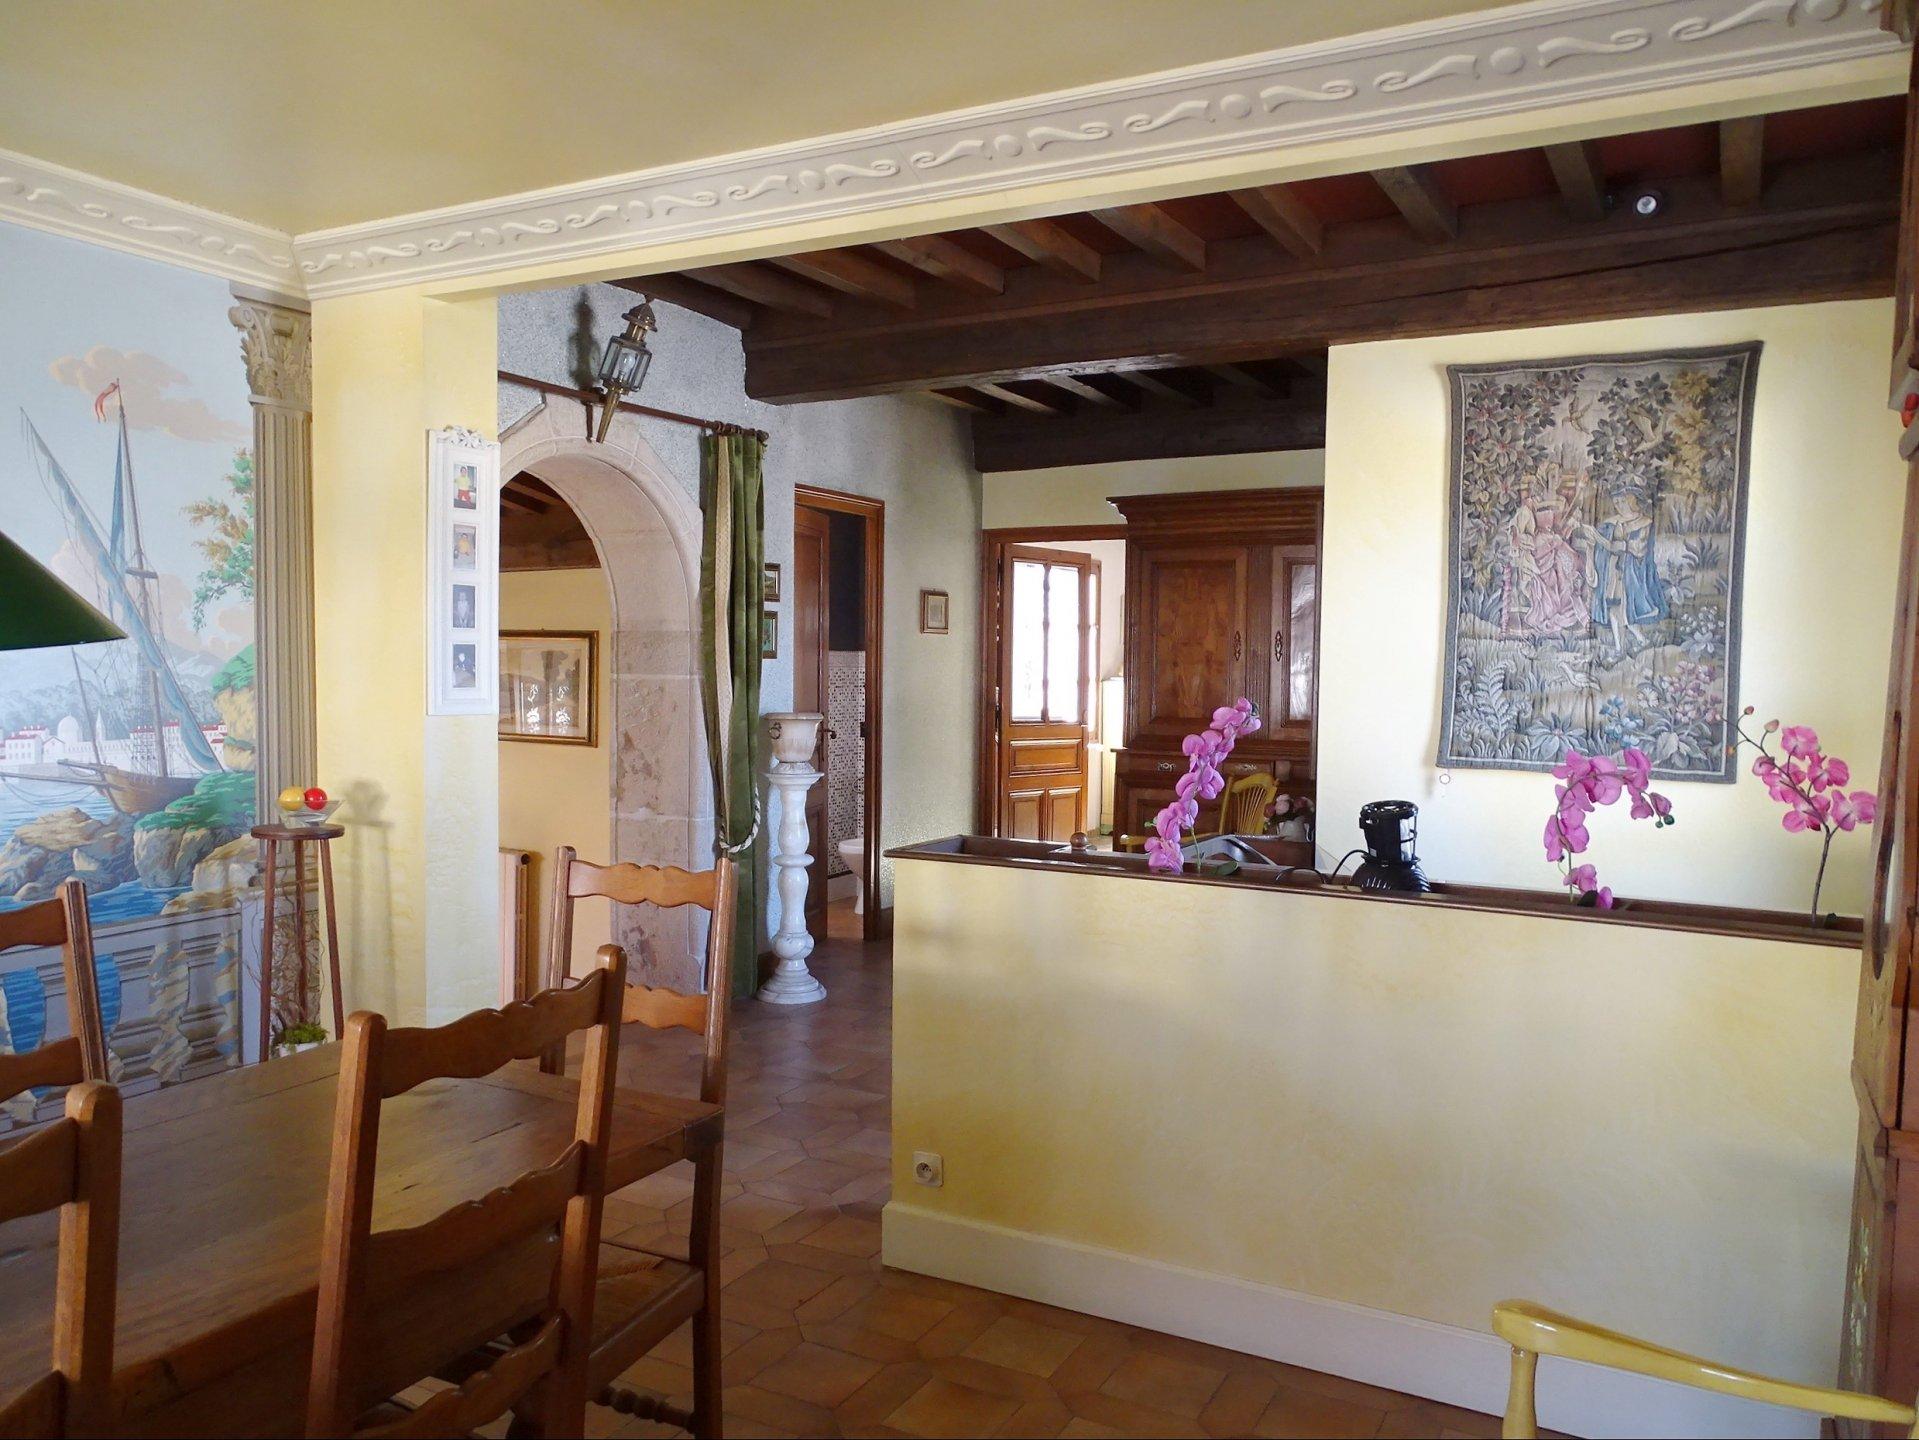 A pied des commodités de Charnay les Mâcon, superbe maison disposant de beaucoup de charme, avec un côté atypique inspiré des maisons espagnoles ! D'une surface de 215 m² habitable, elle a été rénové avec qualité, ne reste qu'à la mettre à son goût.  Elle se compose d'une entrée avec un bel escalier desservant une grande cuisine, une salle à manger et un chaleureux salon avec cheminée. Un dégagement dessert la partie nuit avec une pièce servant de dressing, une chambre avec salle de bains, deux autres chambres de belles tailles et une salle de douches.  En rez-de-chaussée, elle dispose aussi d'une cuisine équipée, d'une chambre et d'une seconde salle de douches.  Cette belle maison exposée plein sud, donne sur un terrain de 541 m² avec potager et cour et ne manque pas de dépendances avec ses trois garages.  Si vous aimez les maisons de ville qui sortent du lot, coup de c?ur assuré ! Honoraires à la charge du vendeur.